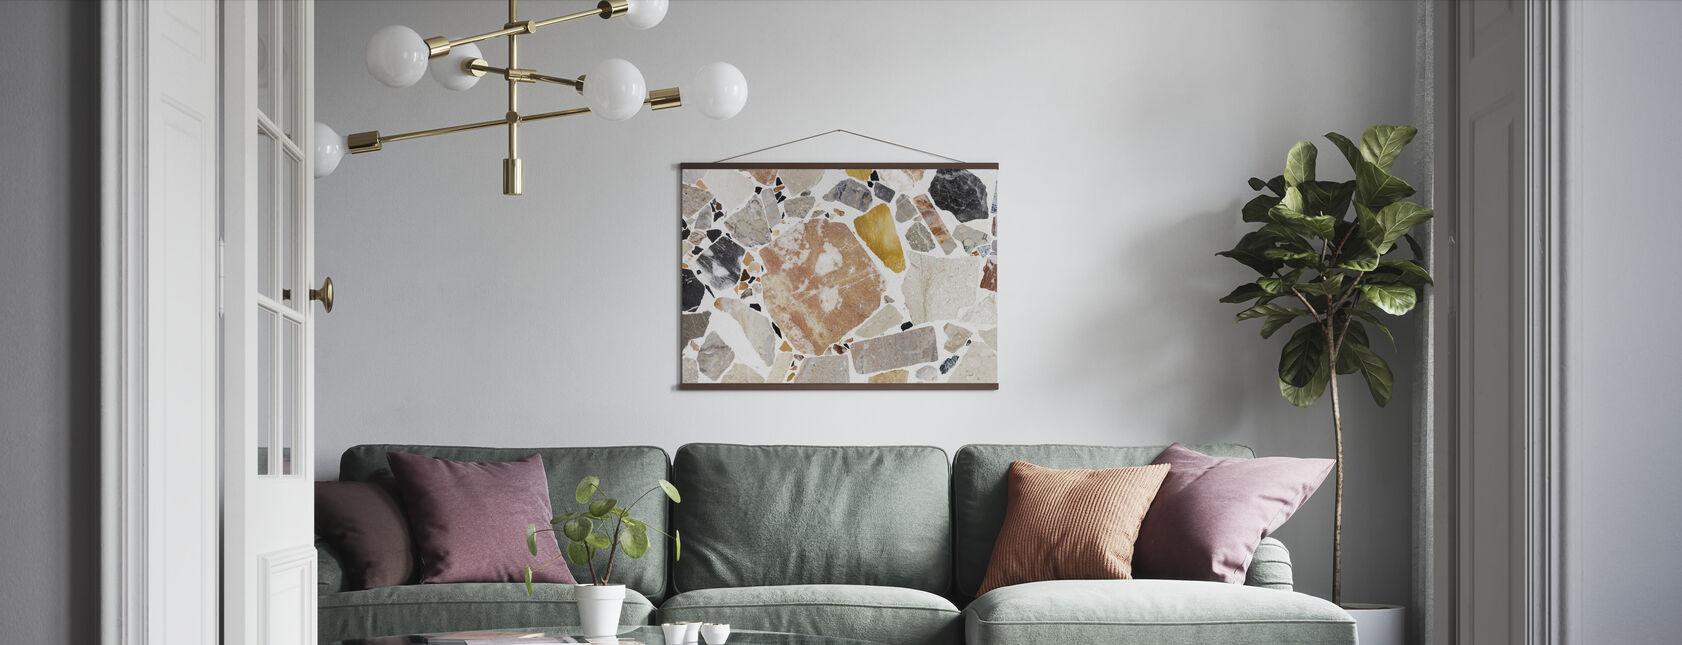 Varm Terrazzo - Poster - Wohnzimmer